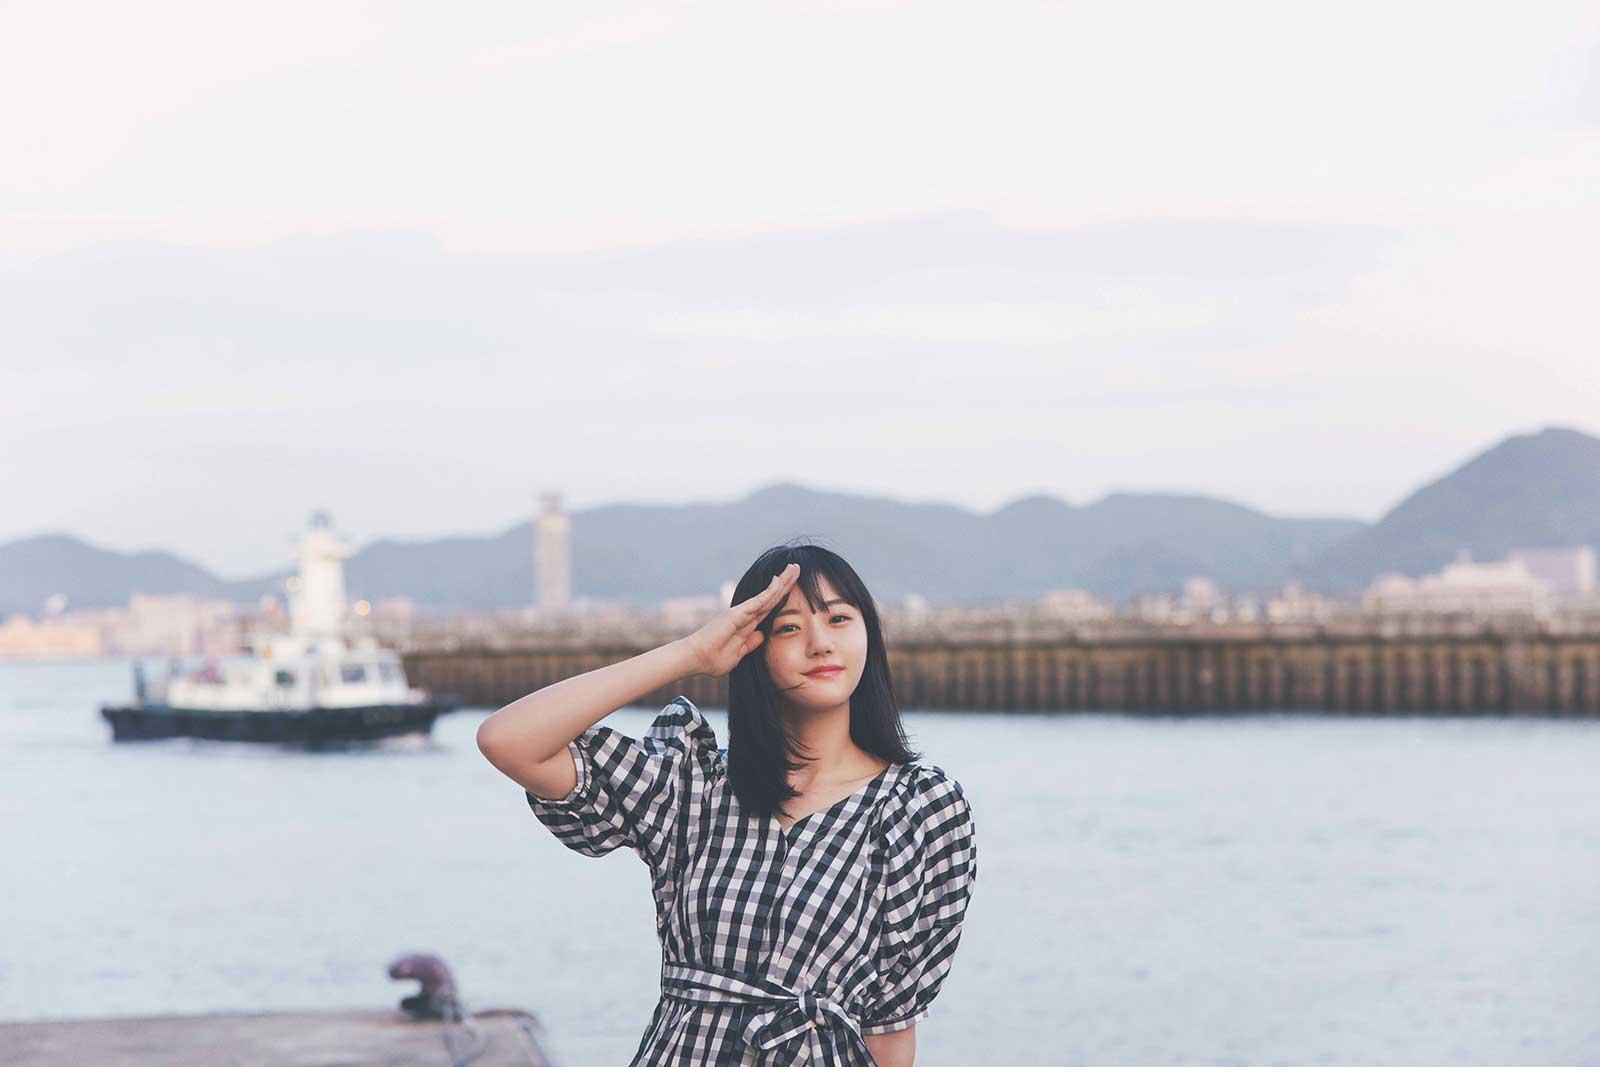 グラビアニュースまとめ 【STU48】「絶対的エース」瀧野由美子(23)、「スタイル抜群」初水着カット解禁!美脚&美ボディ披露